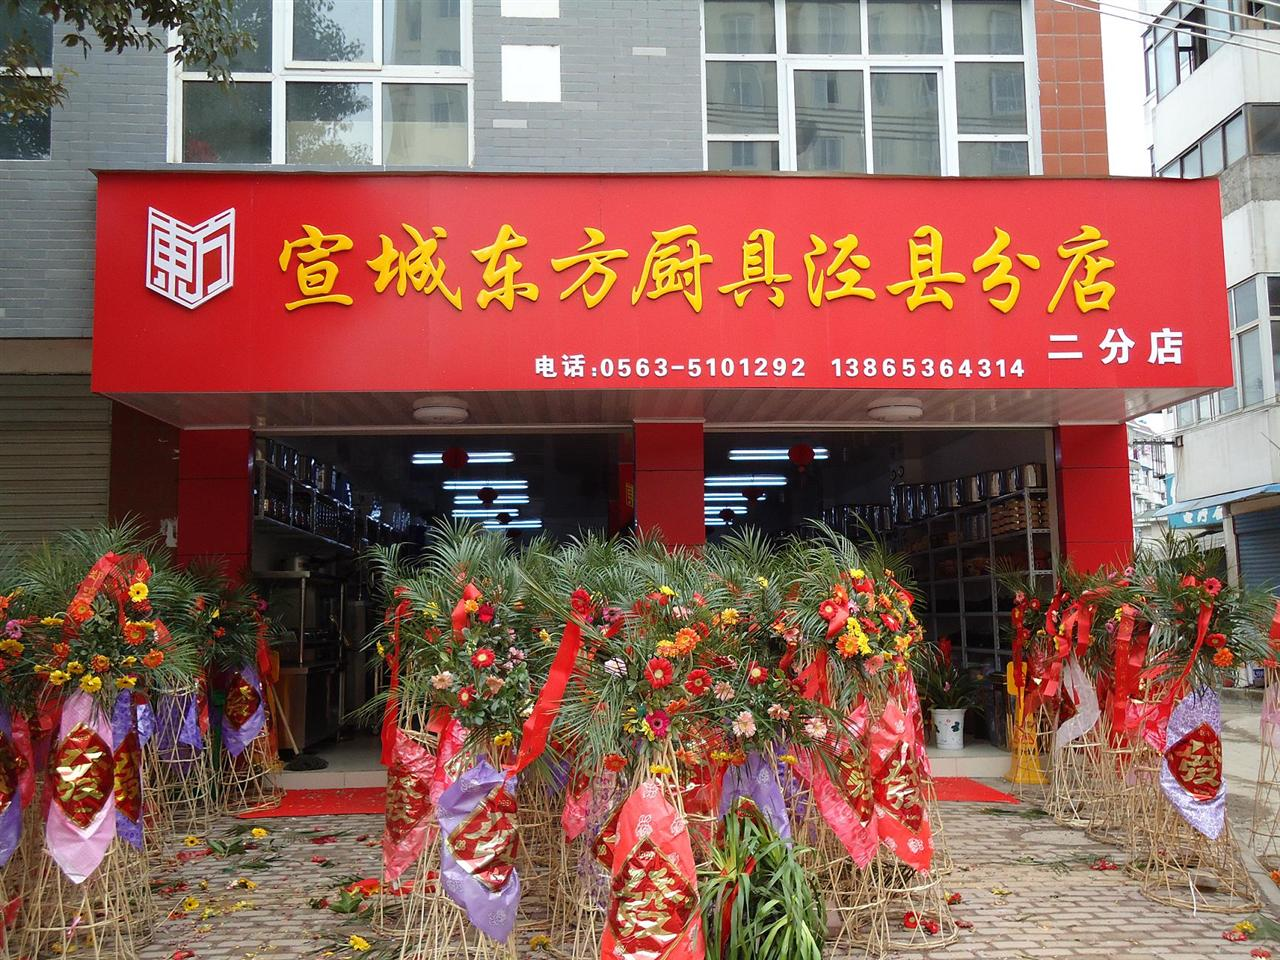 宣城东方厨具泾县分店